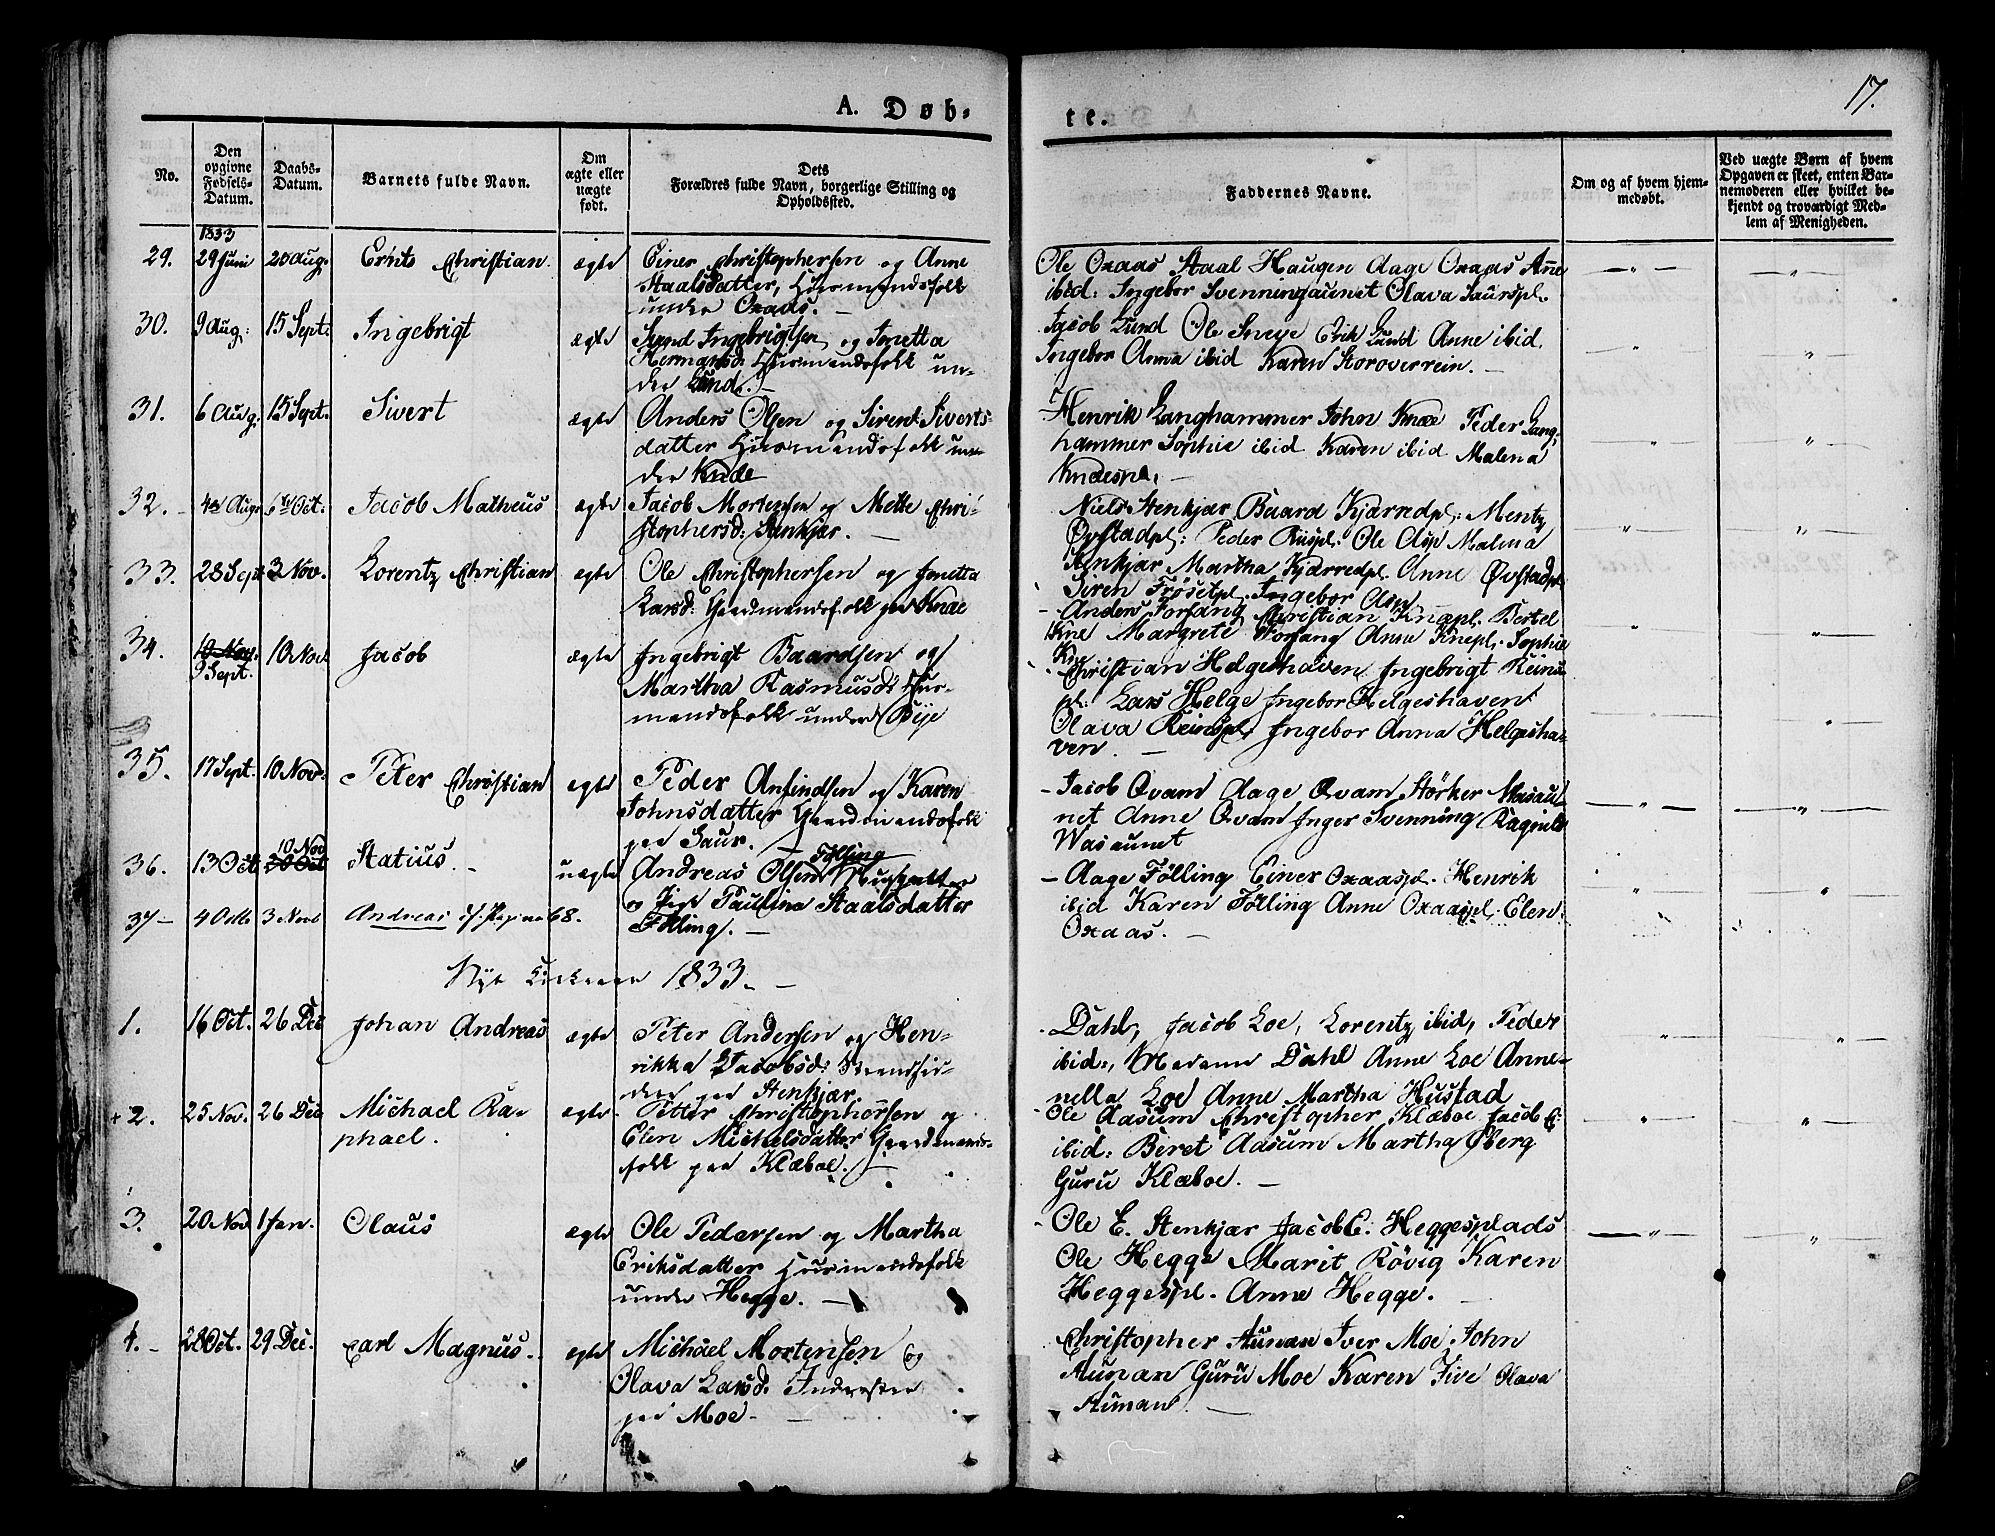 SAT, Ministerialprotokoller, klokkerbøker og fødselsregistre - Nord-Trøndelag, 746/L0445: Ministerialbok nr. 746A04, 1826-1846, s. 17